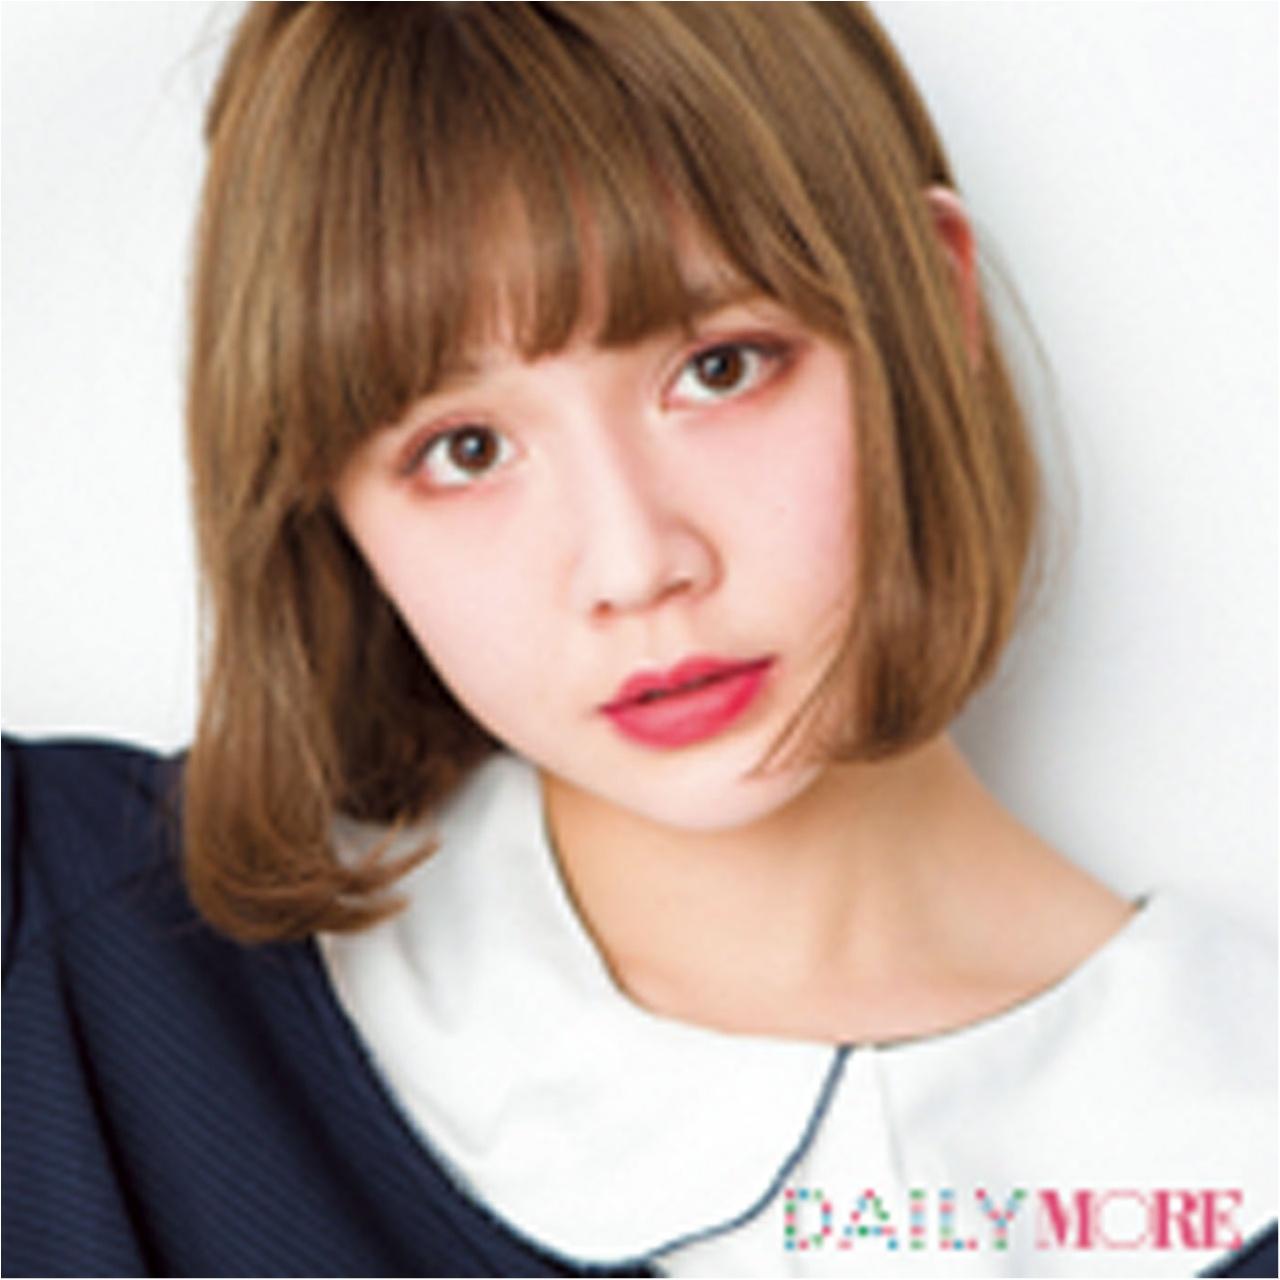 村田倫子ちゃんは、「ネイルクイック」で夏っぽネイルを満喫♡【教えて! モアビューティズの1UP美容♡】_1